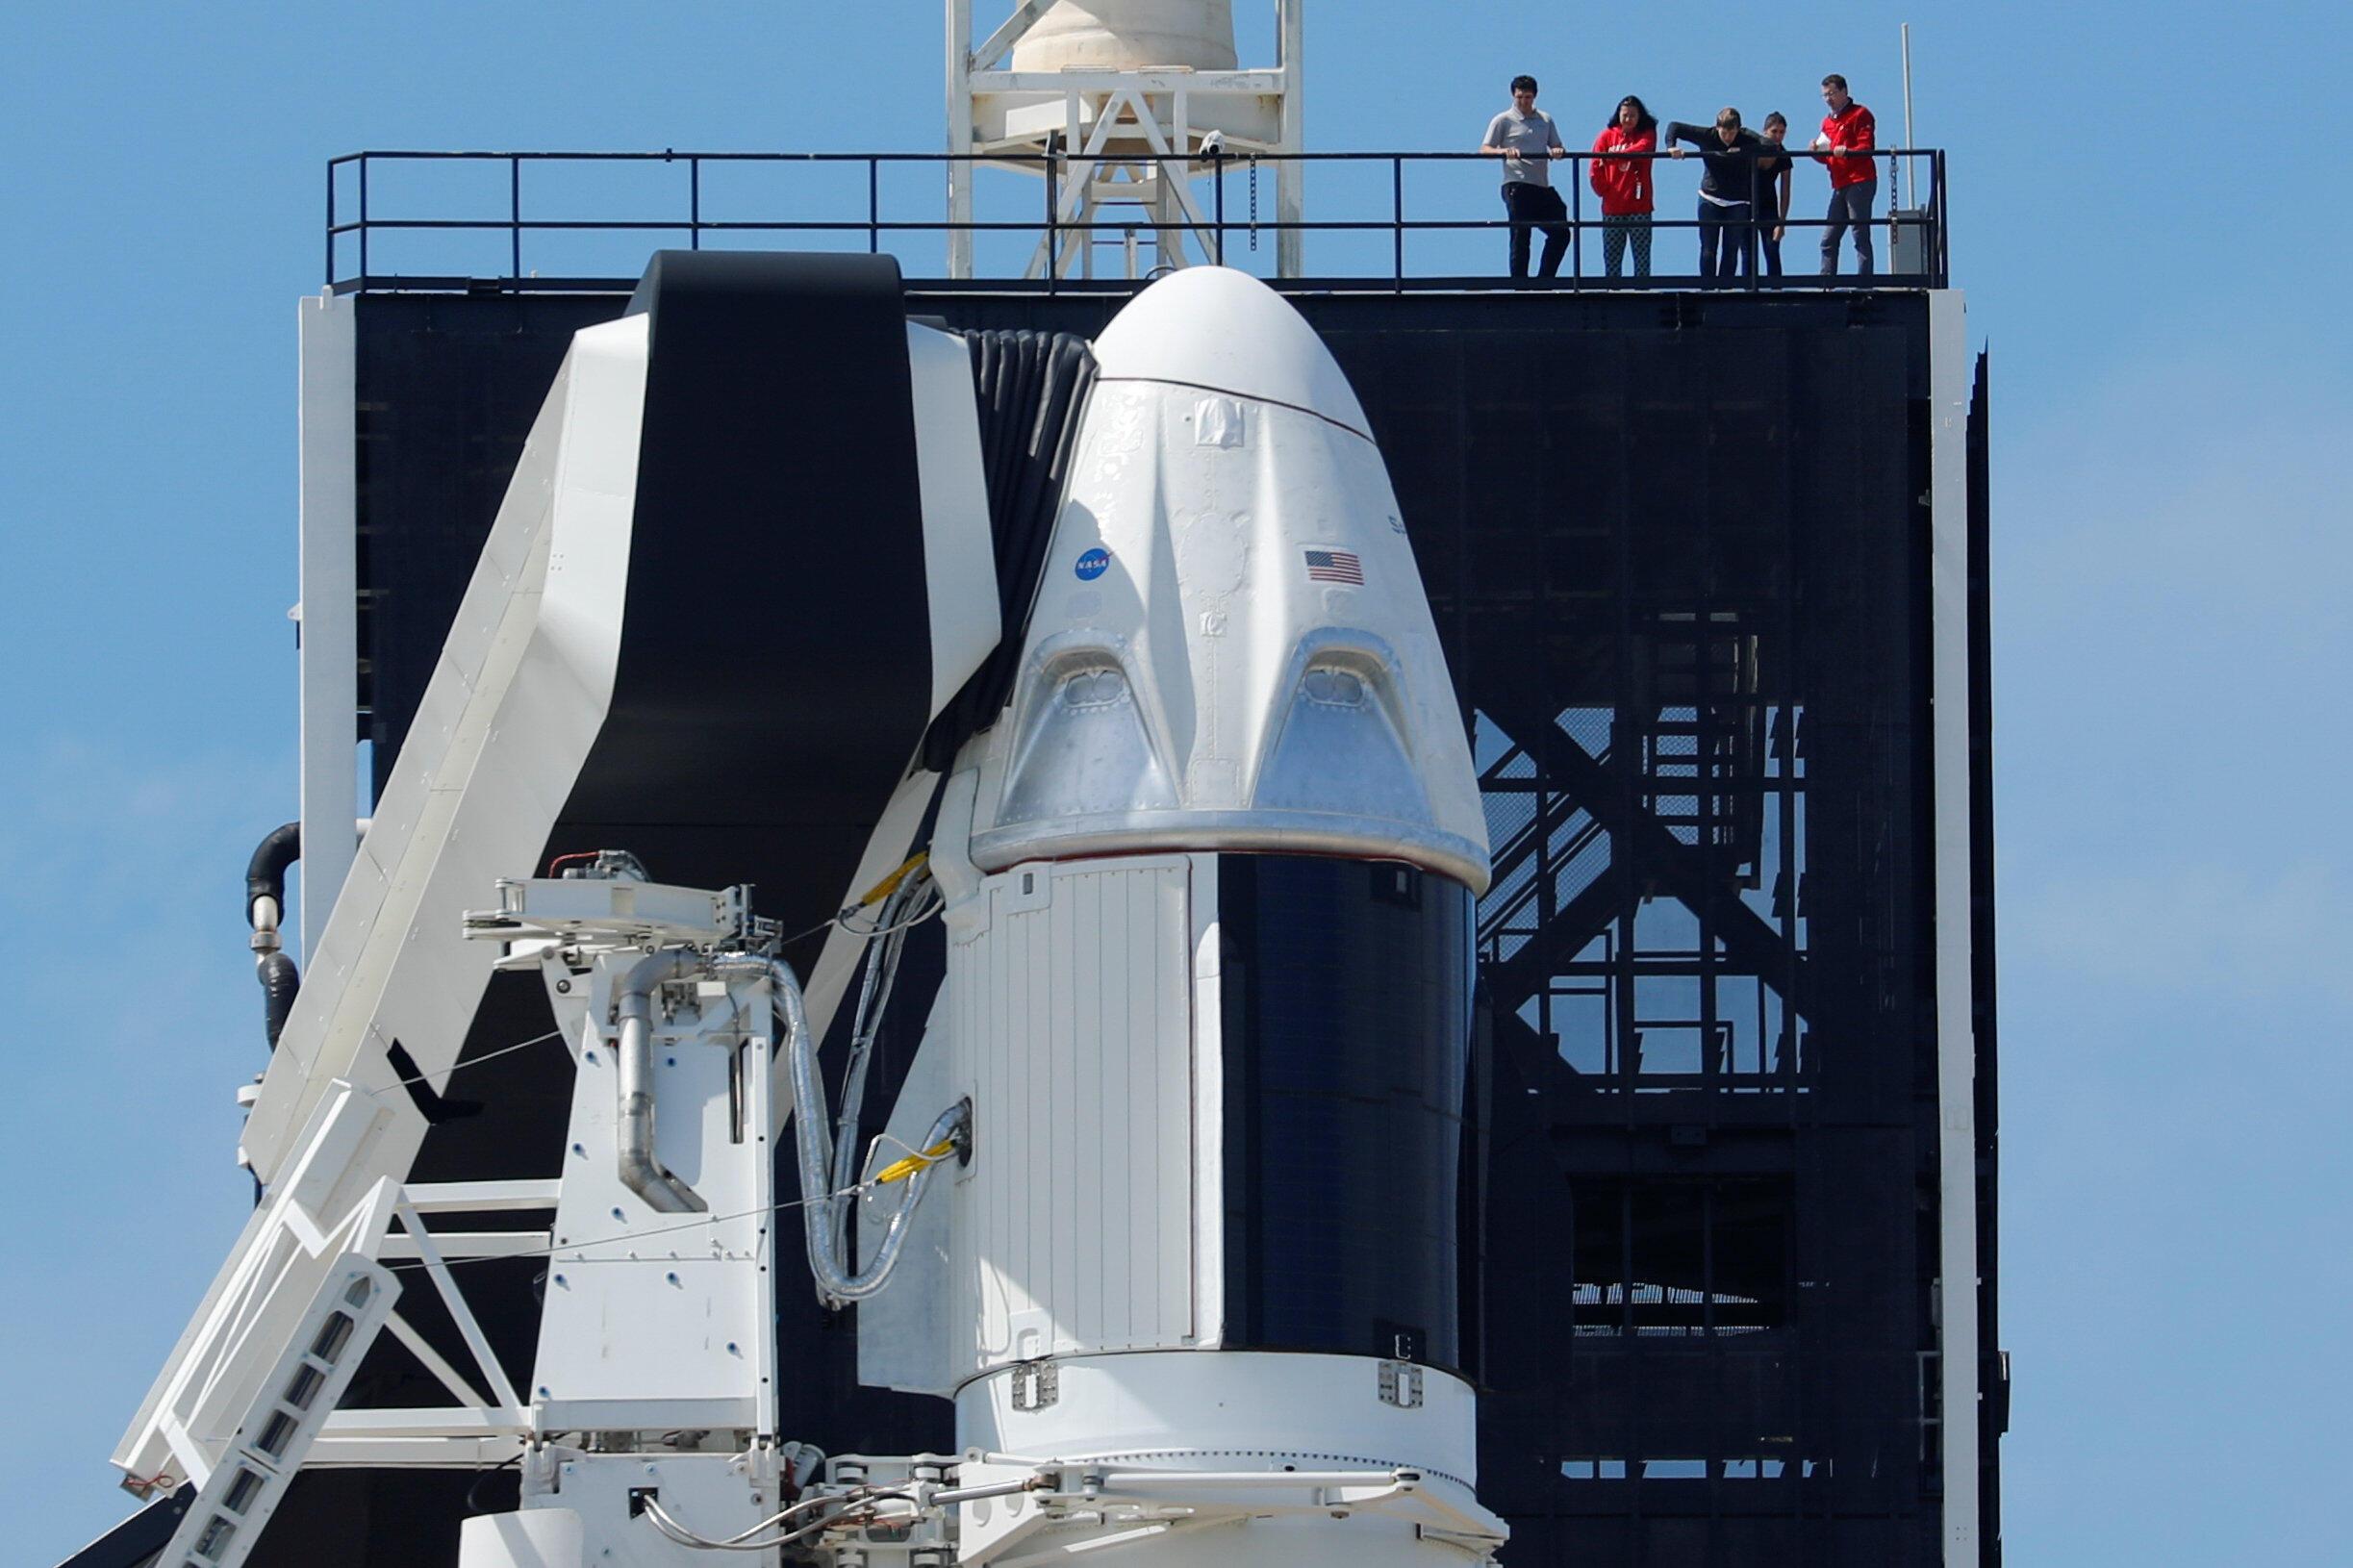 La cápsula para tripulantes Crew Dragon. La foto muestra los preparativos para la primera prueba sin pasajeros desde la mítica plataforma de la NASA  39A, 1 de marzo, 2019.